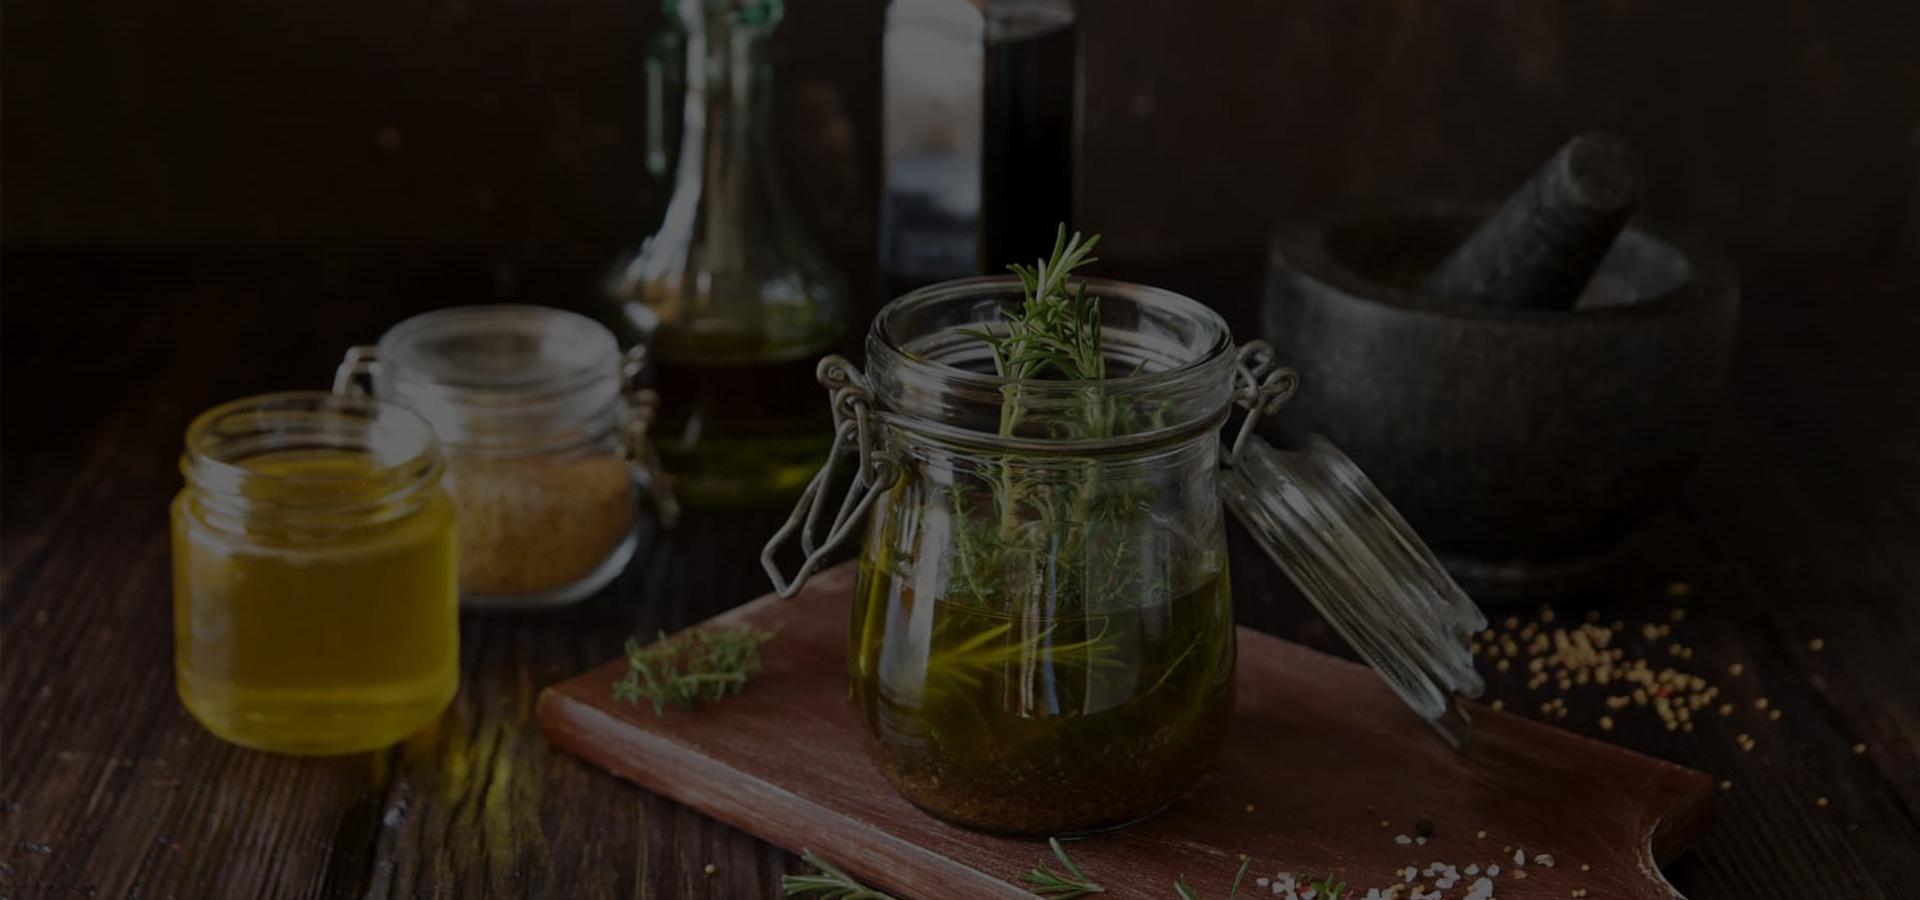 Extra panenský olivový olej najvyššej kvality priamo z Grécka